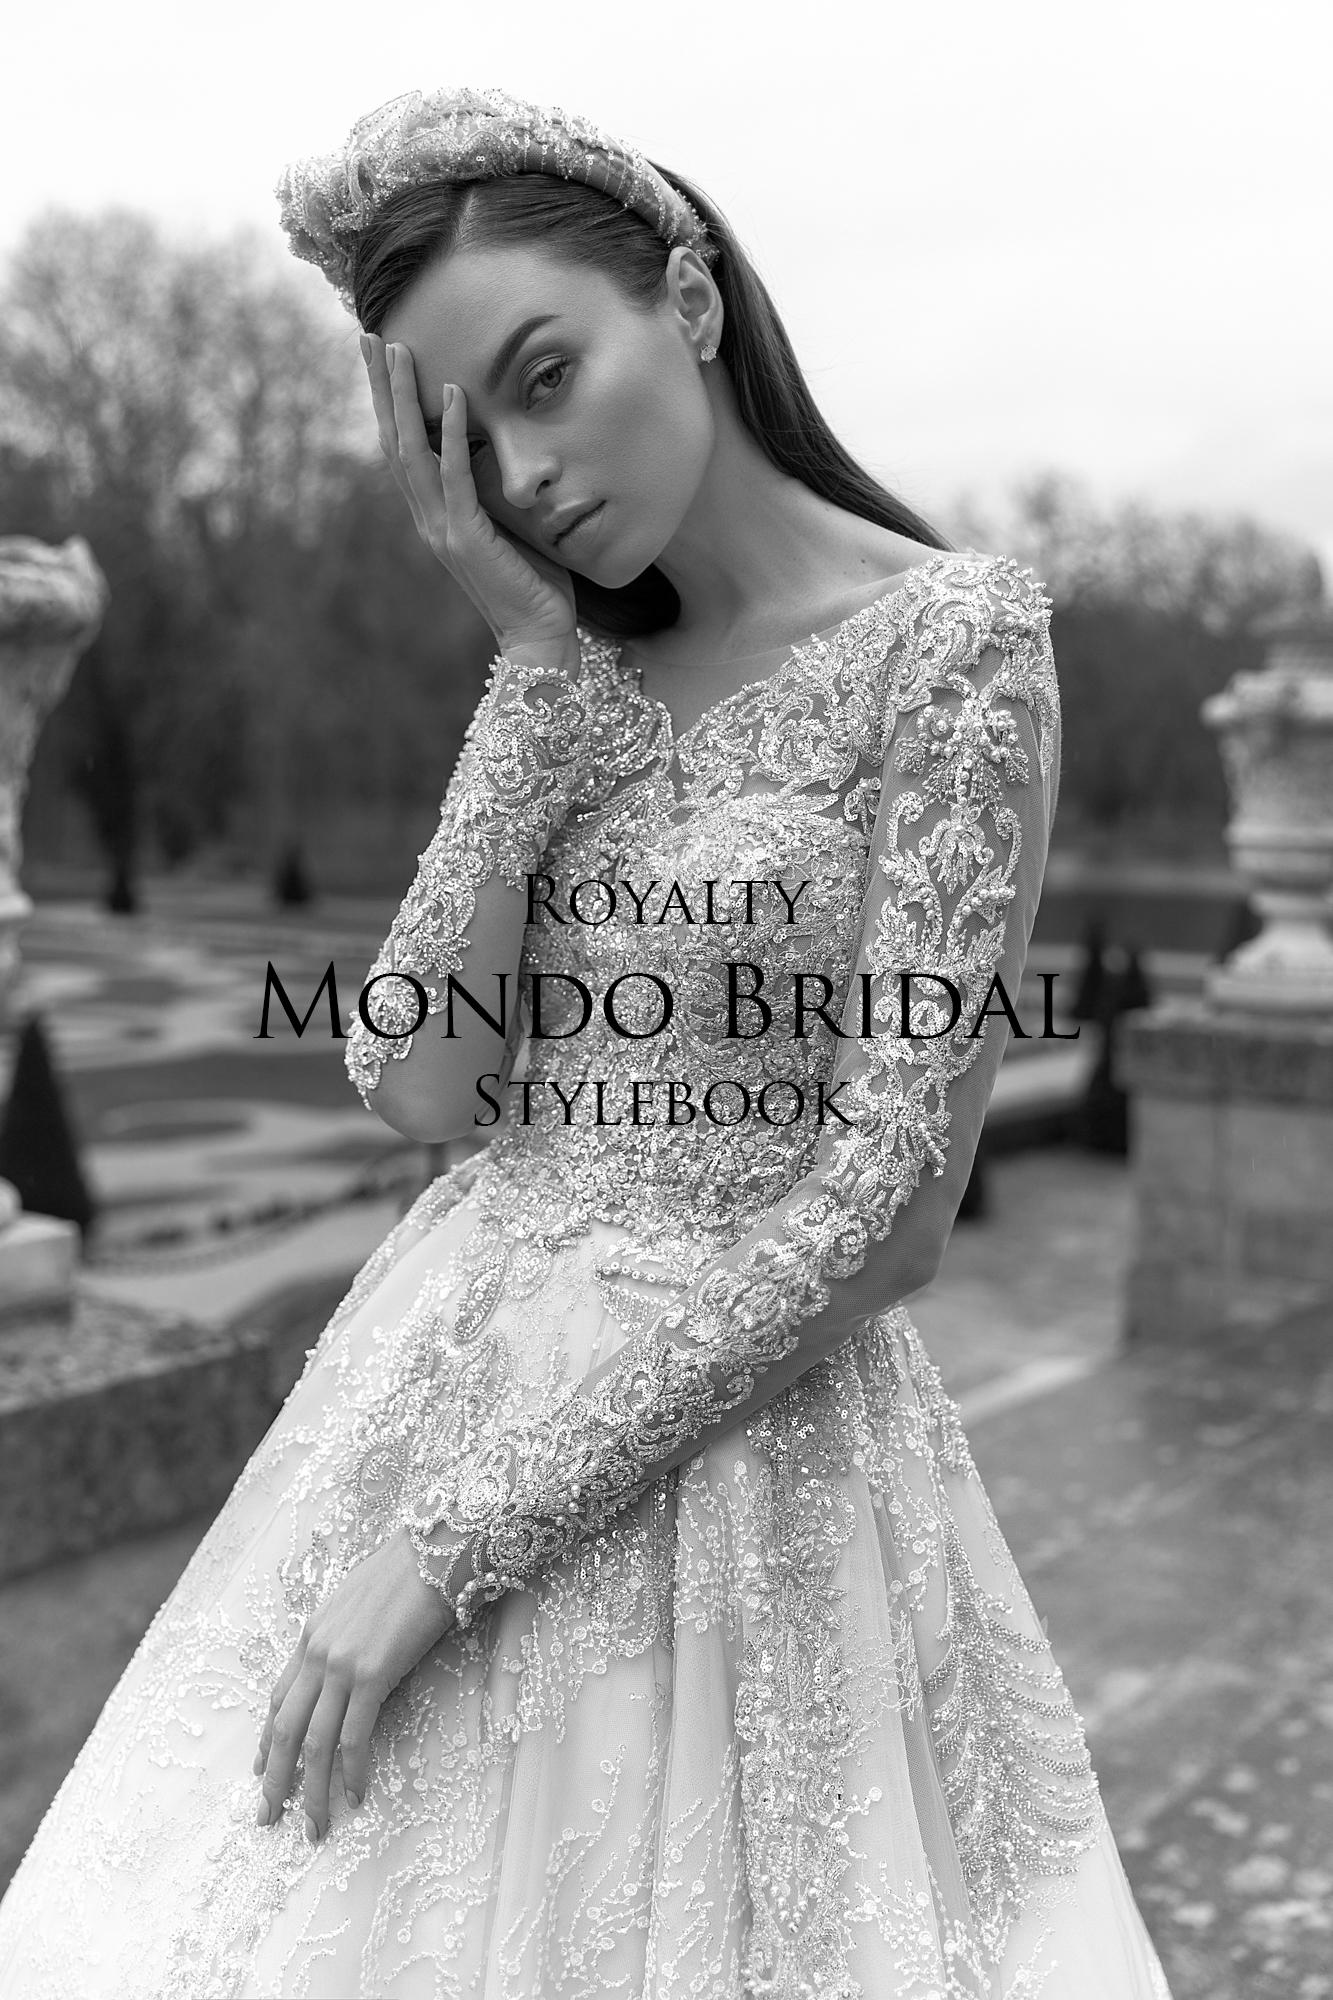 Shop Mondo Bridal Stylebook – Royalty